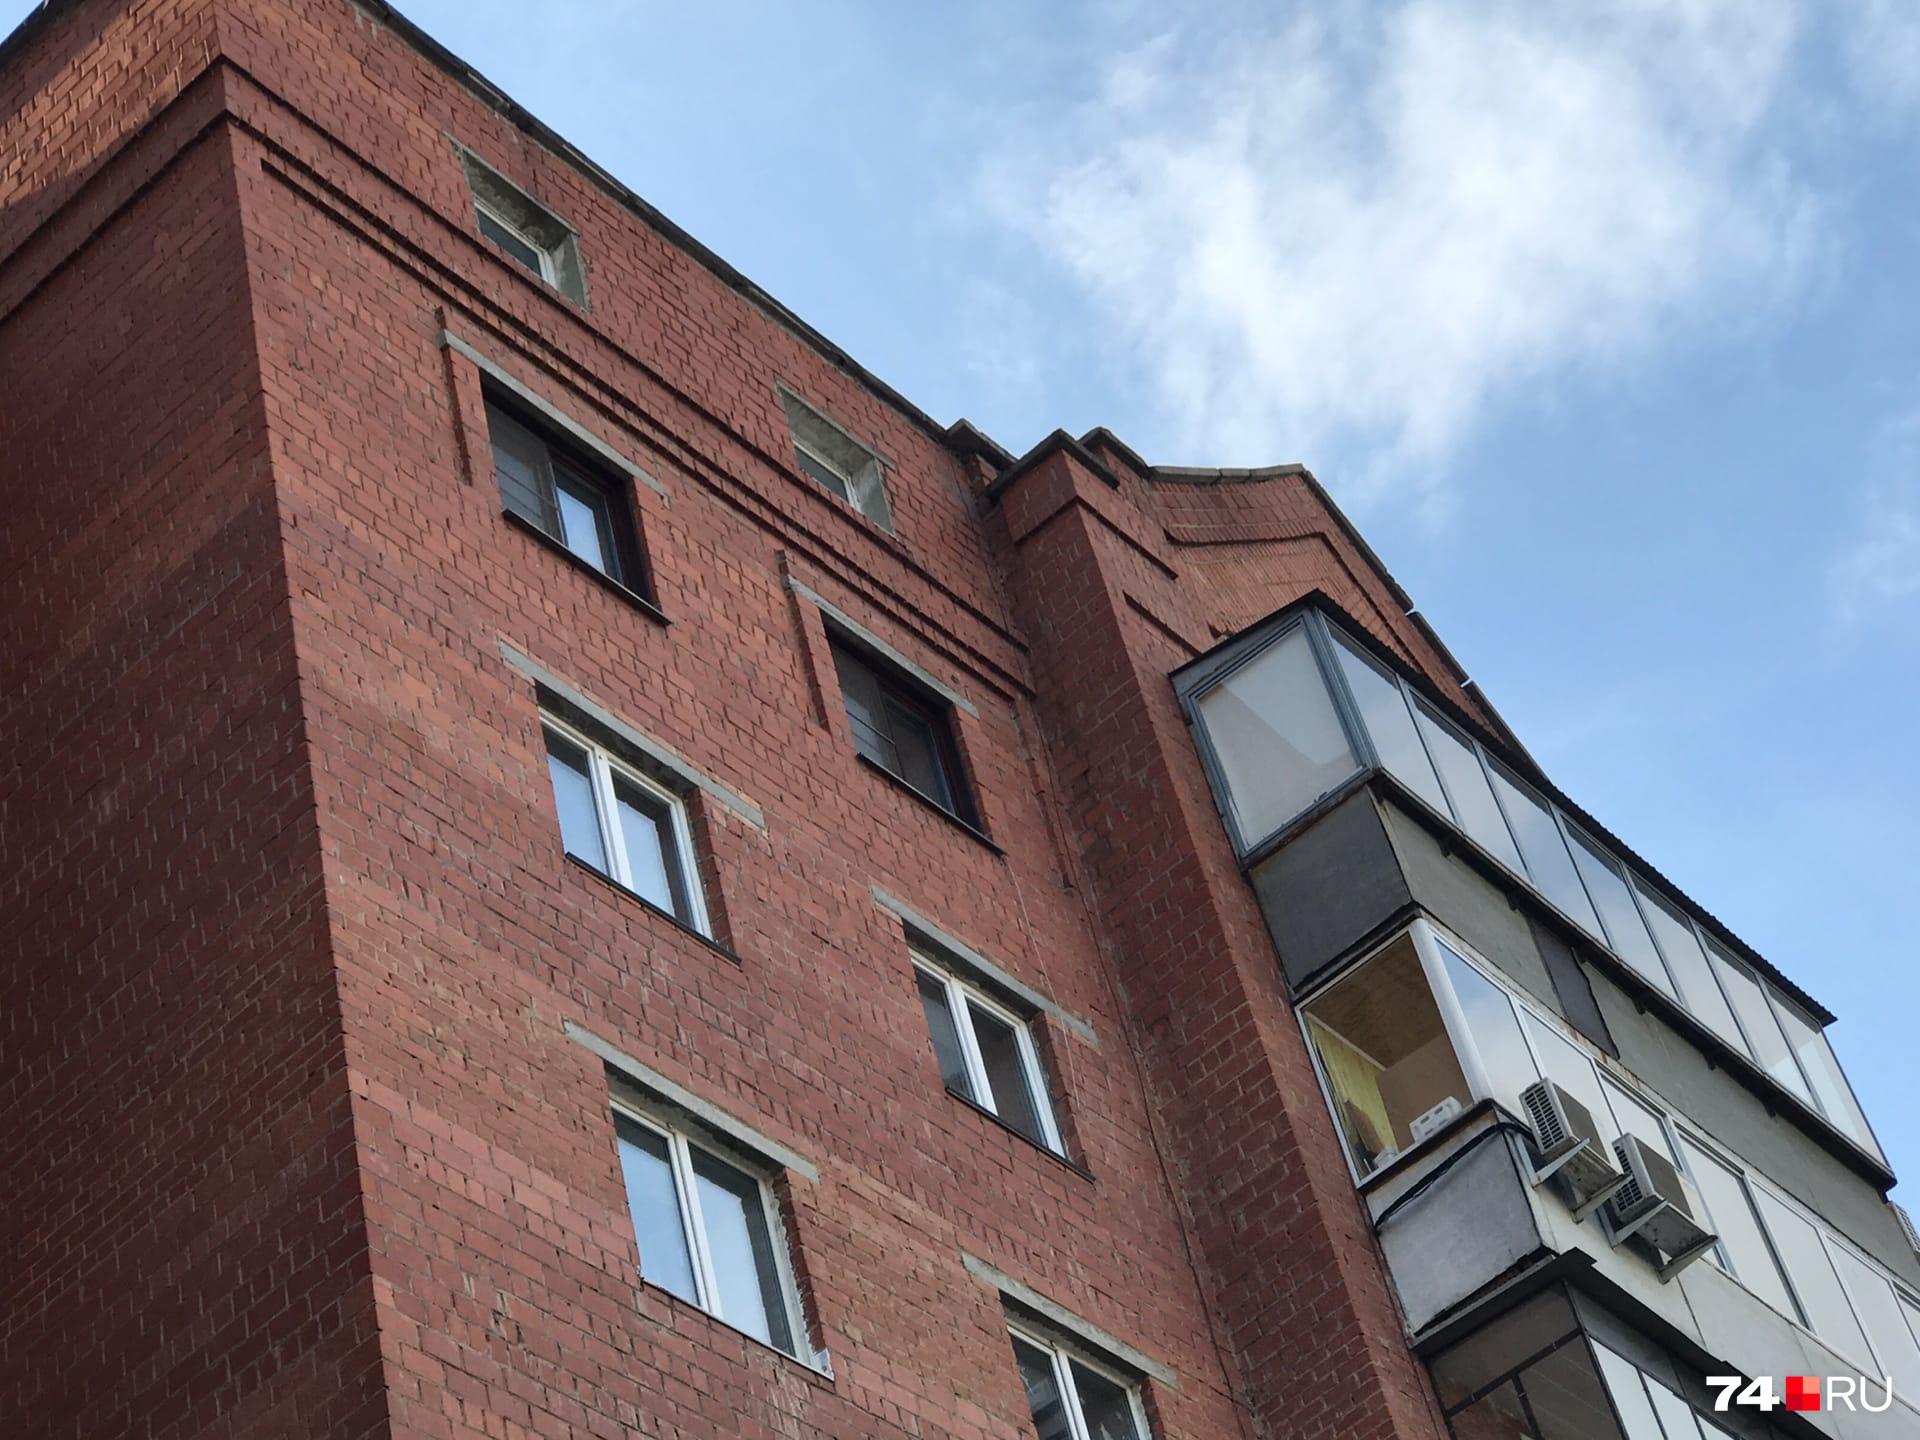 По данным МЧС, погибший в результате происшествия челябинец прыгнул с крыши 8-го этажа